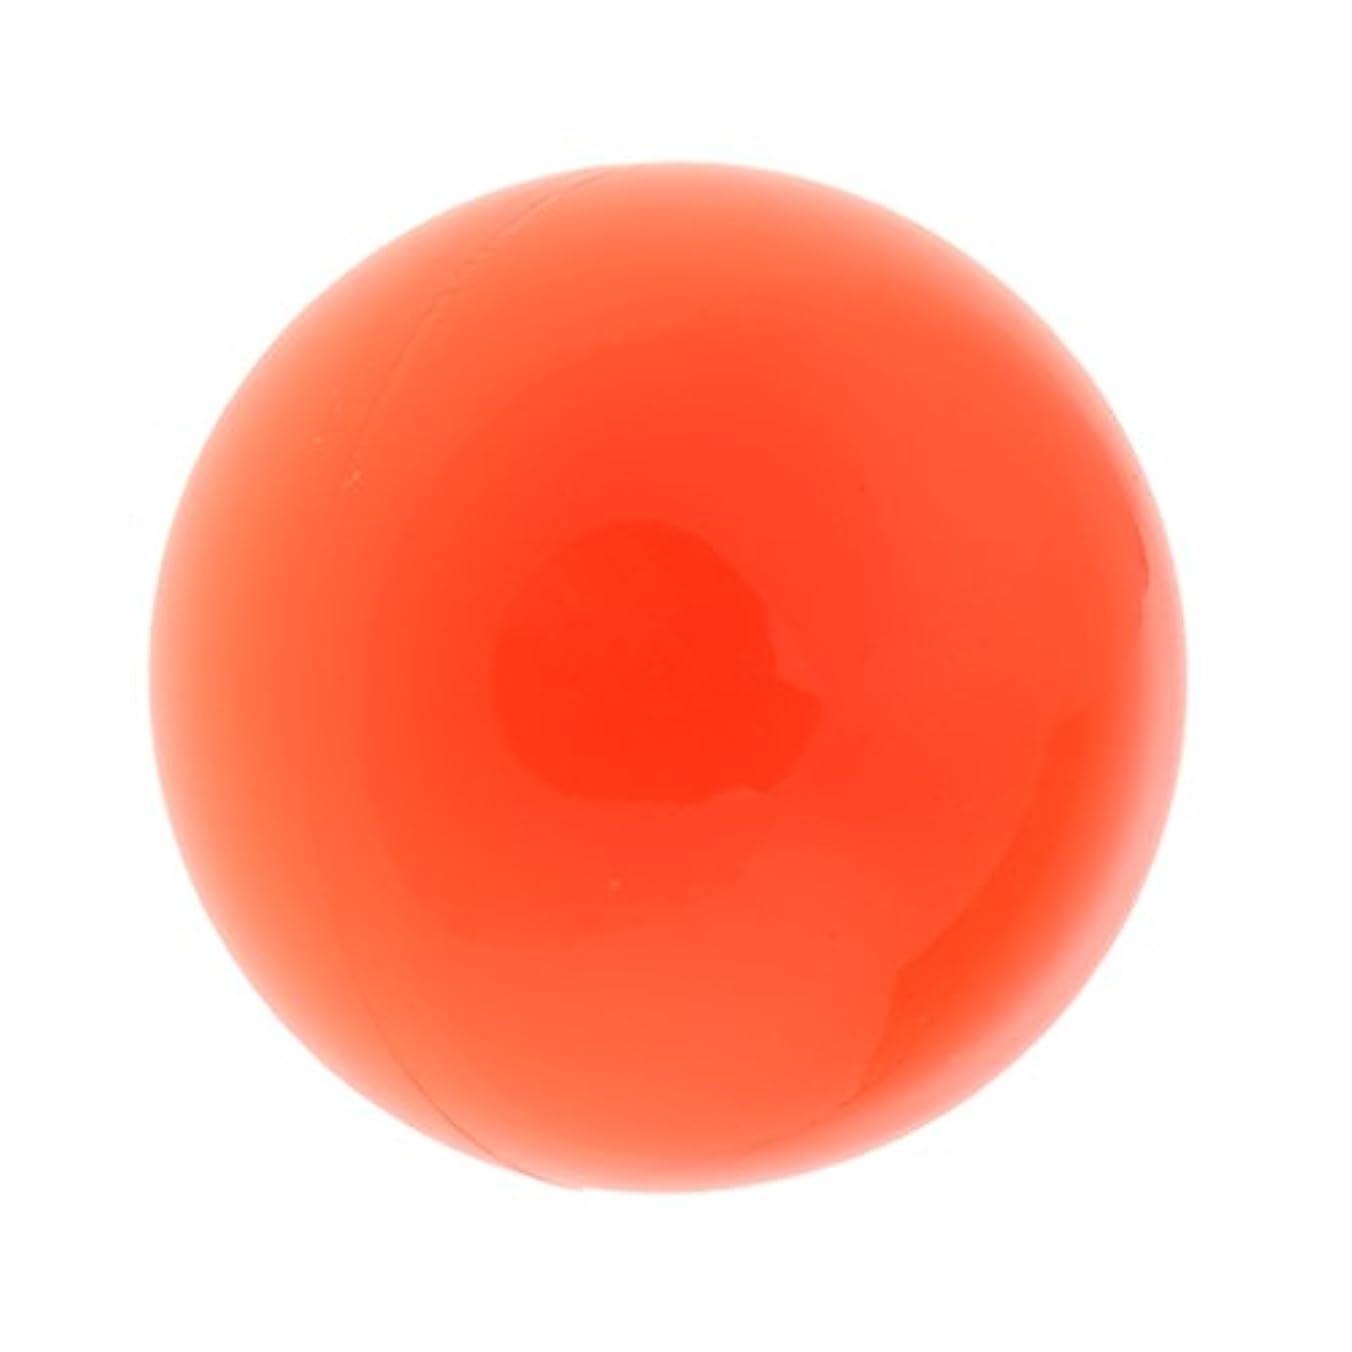 養うスキッパーボイドマッサージボール エコフレンドリーPVC 74mm マッサージ ポイントマッサージ ボール ソフト トレーニング